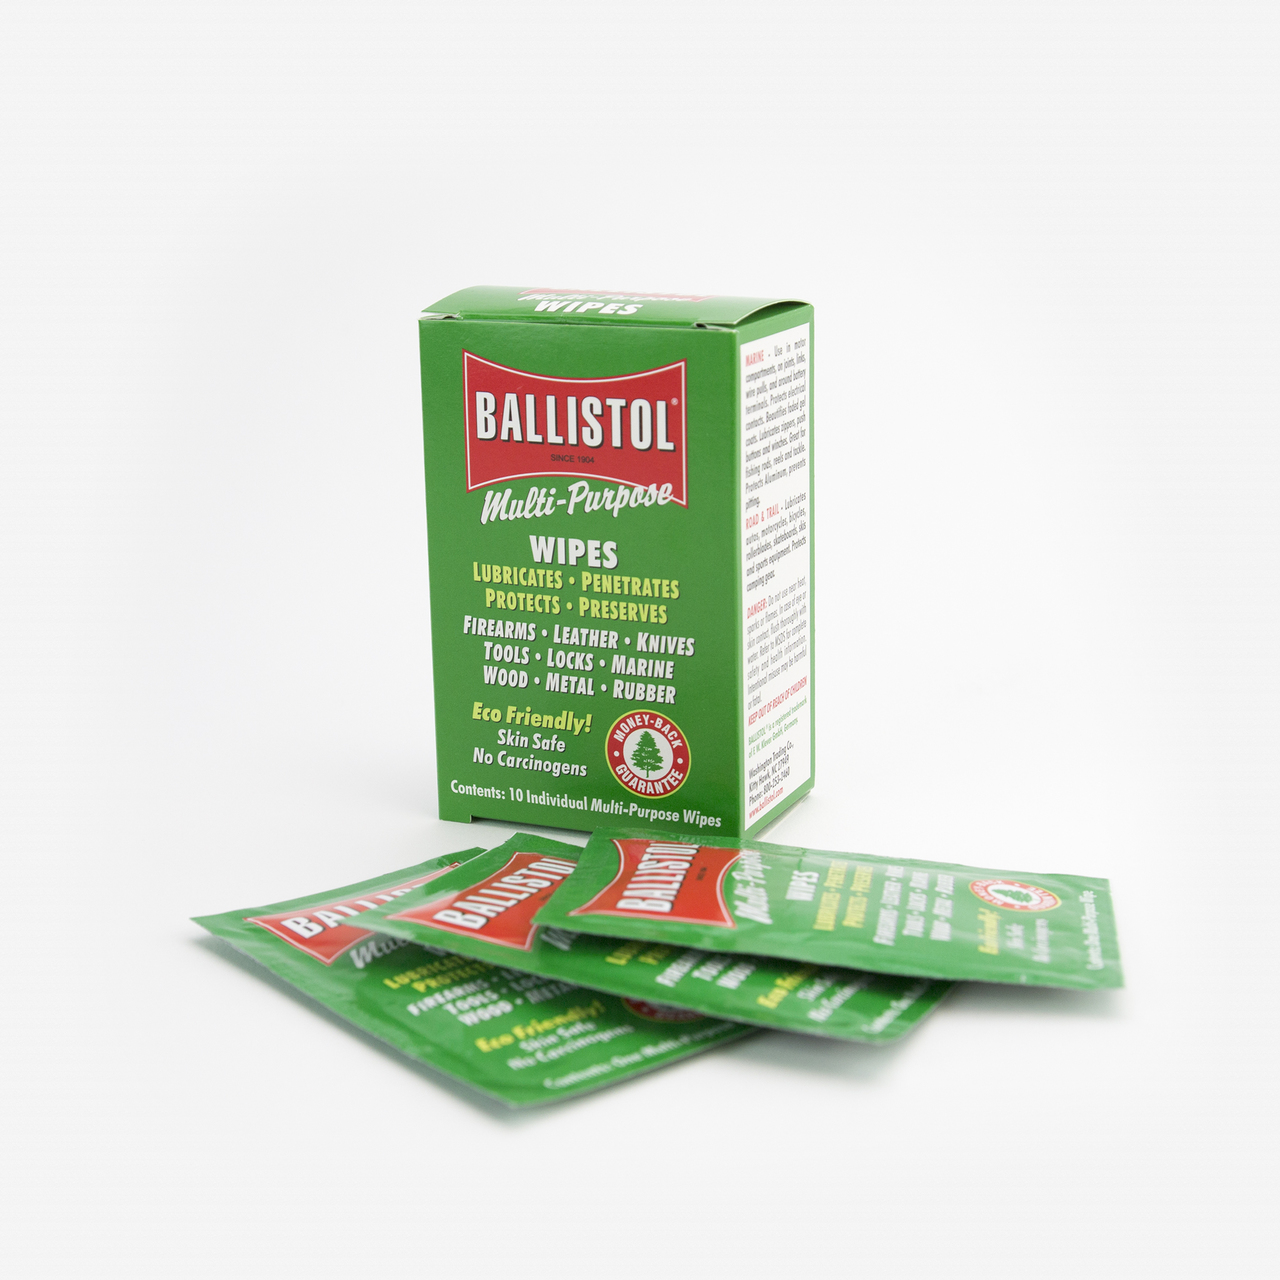 Ballistol Multi-Purpose Tool Oil Wipes - 10 Pack - KC Tool